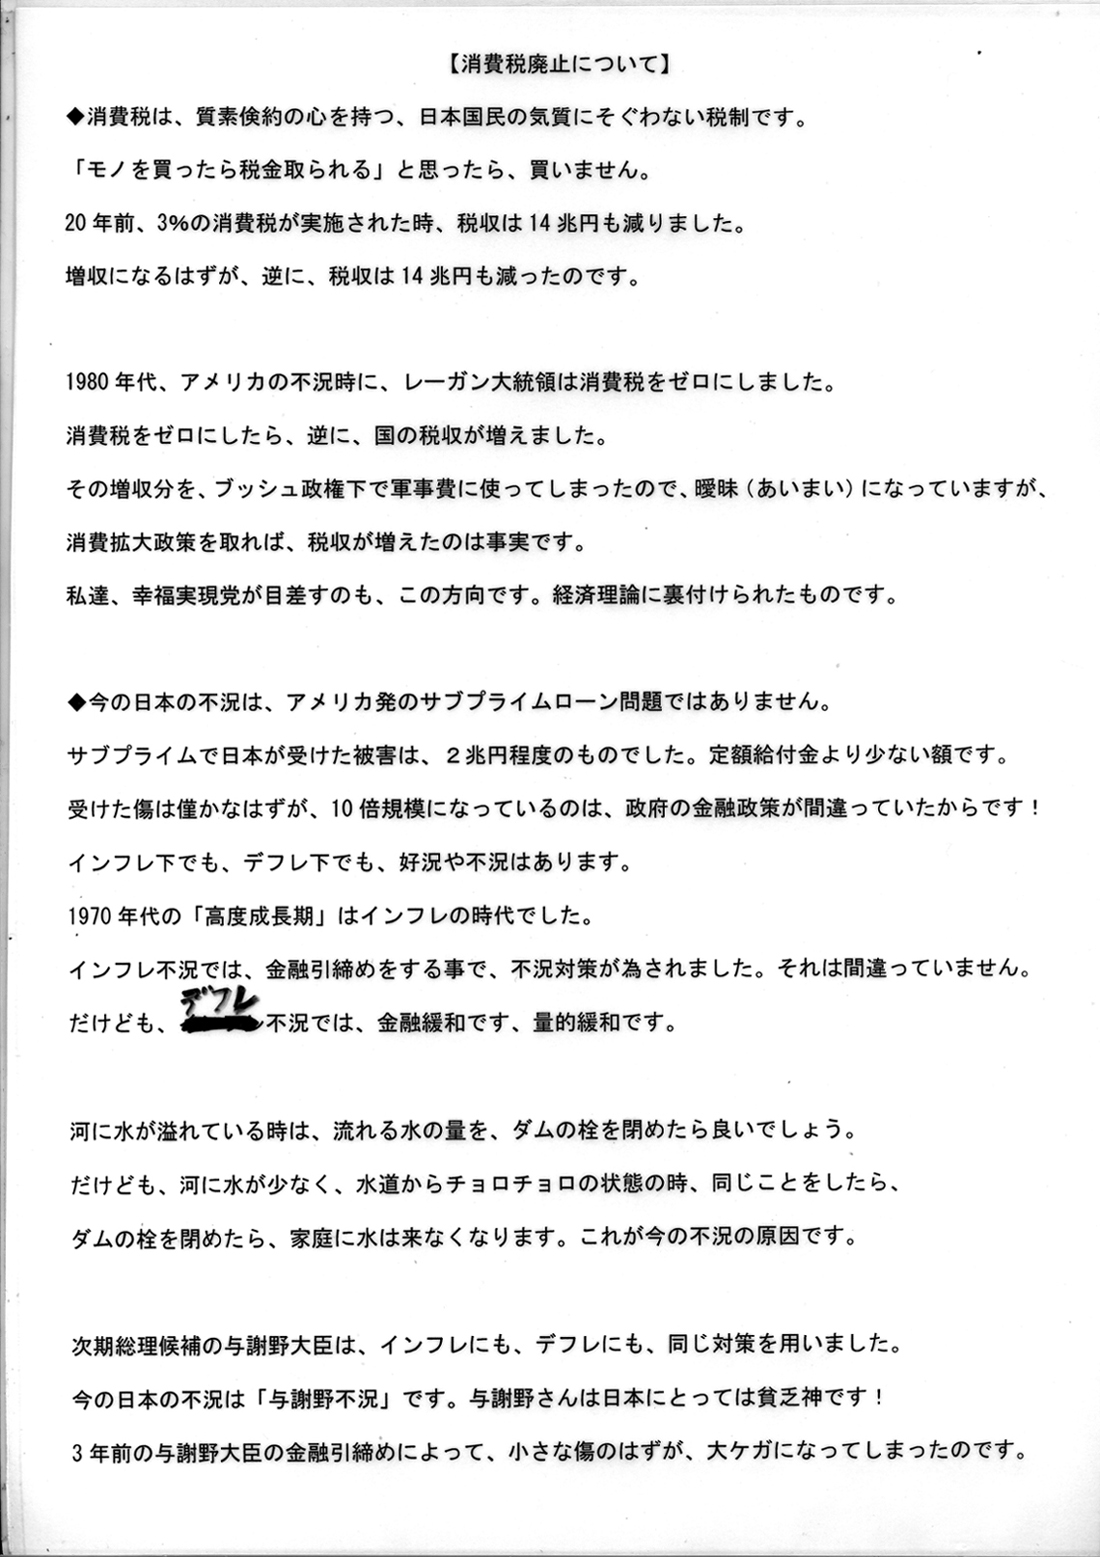 2012-08-07-07.jpg